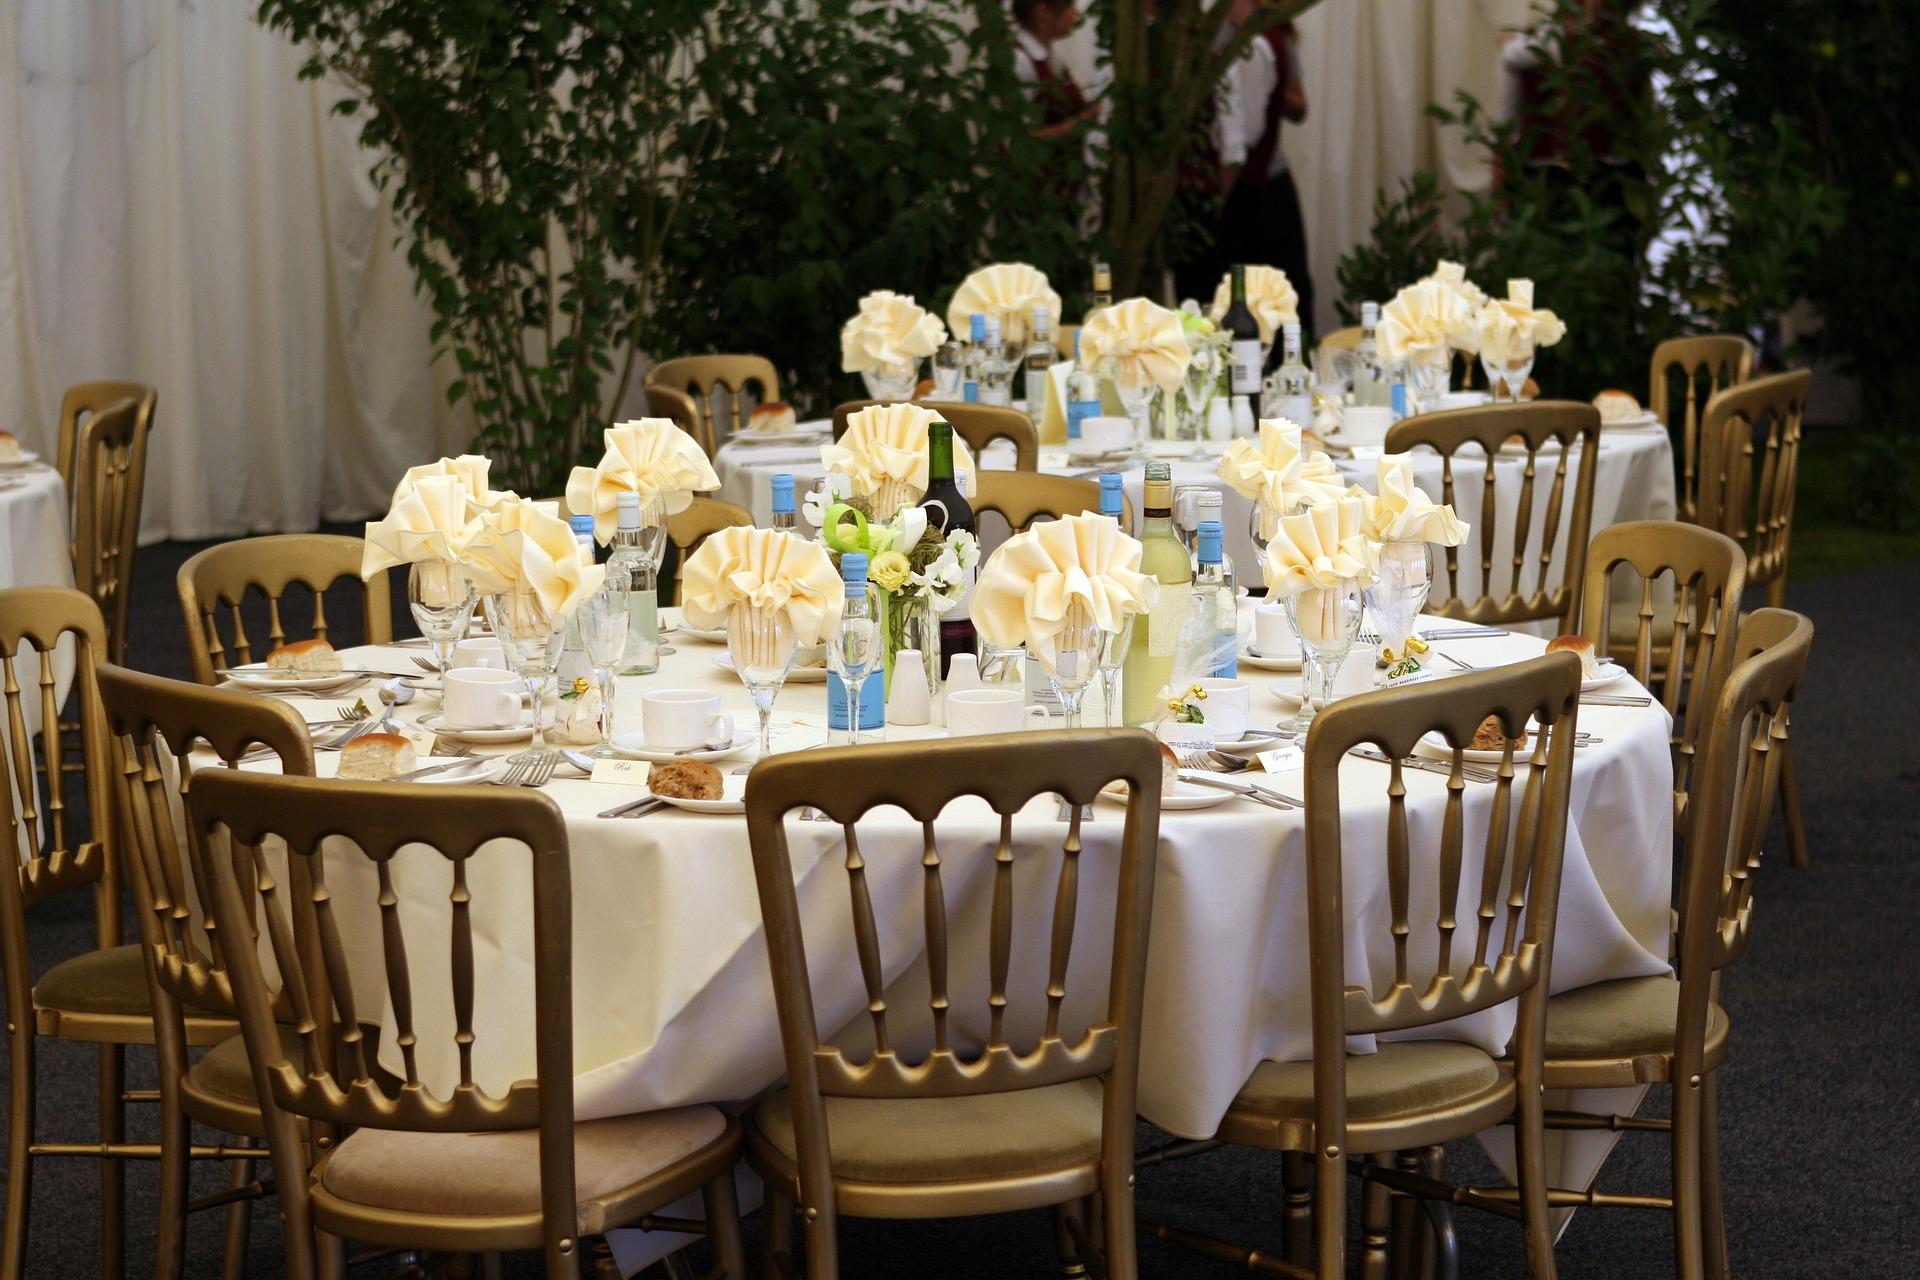 décorateur événementiel lyon décoration intérieur fleuriste fleurs événement entreprise